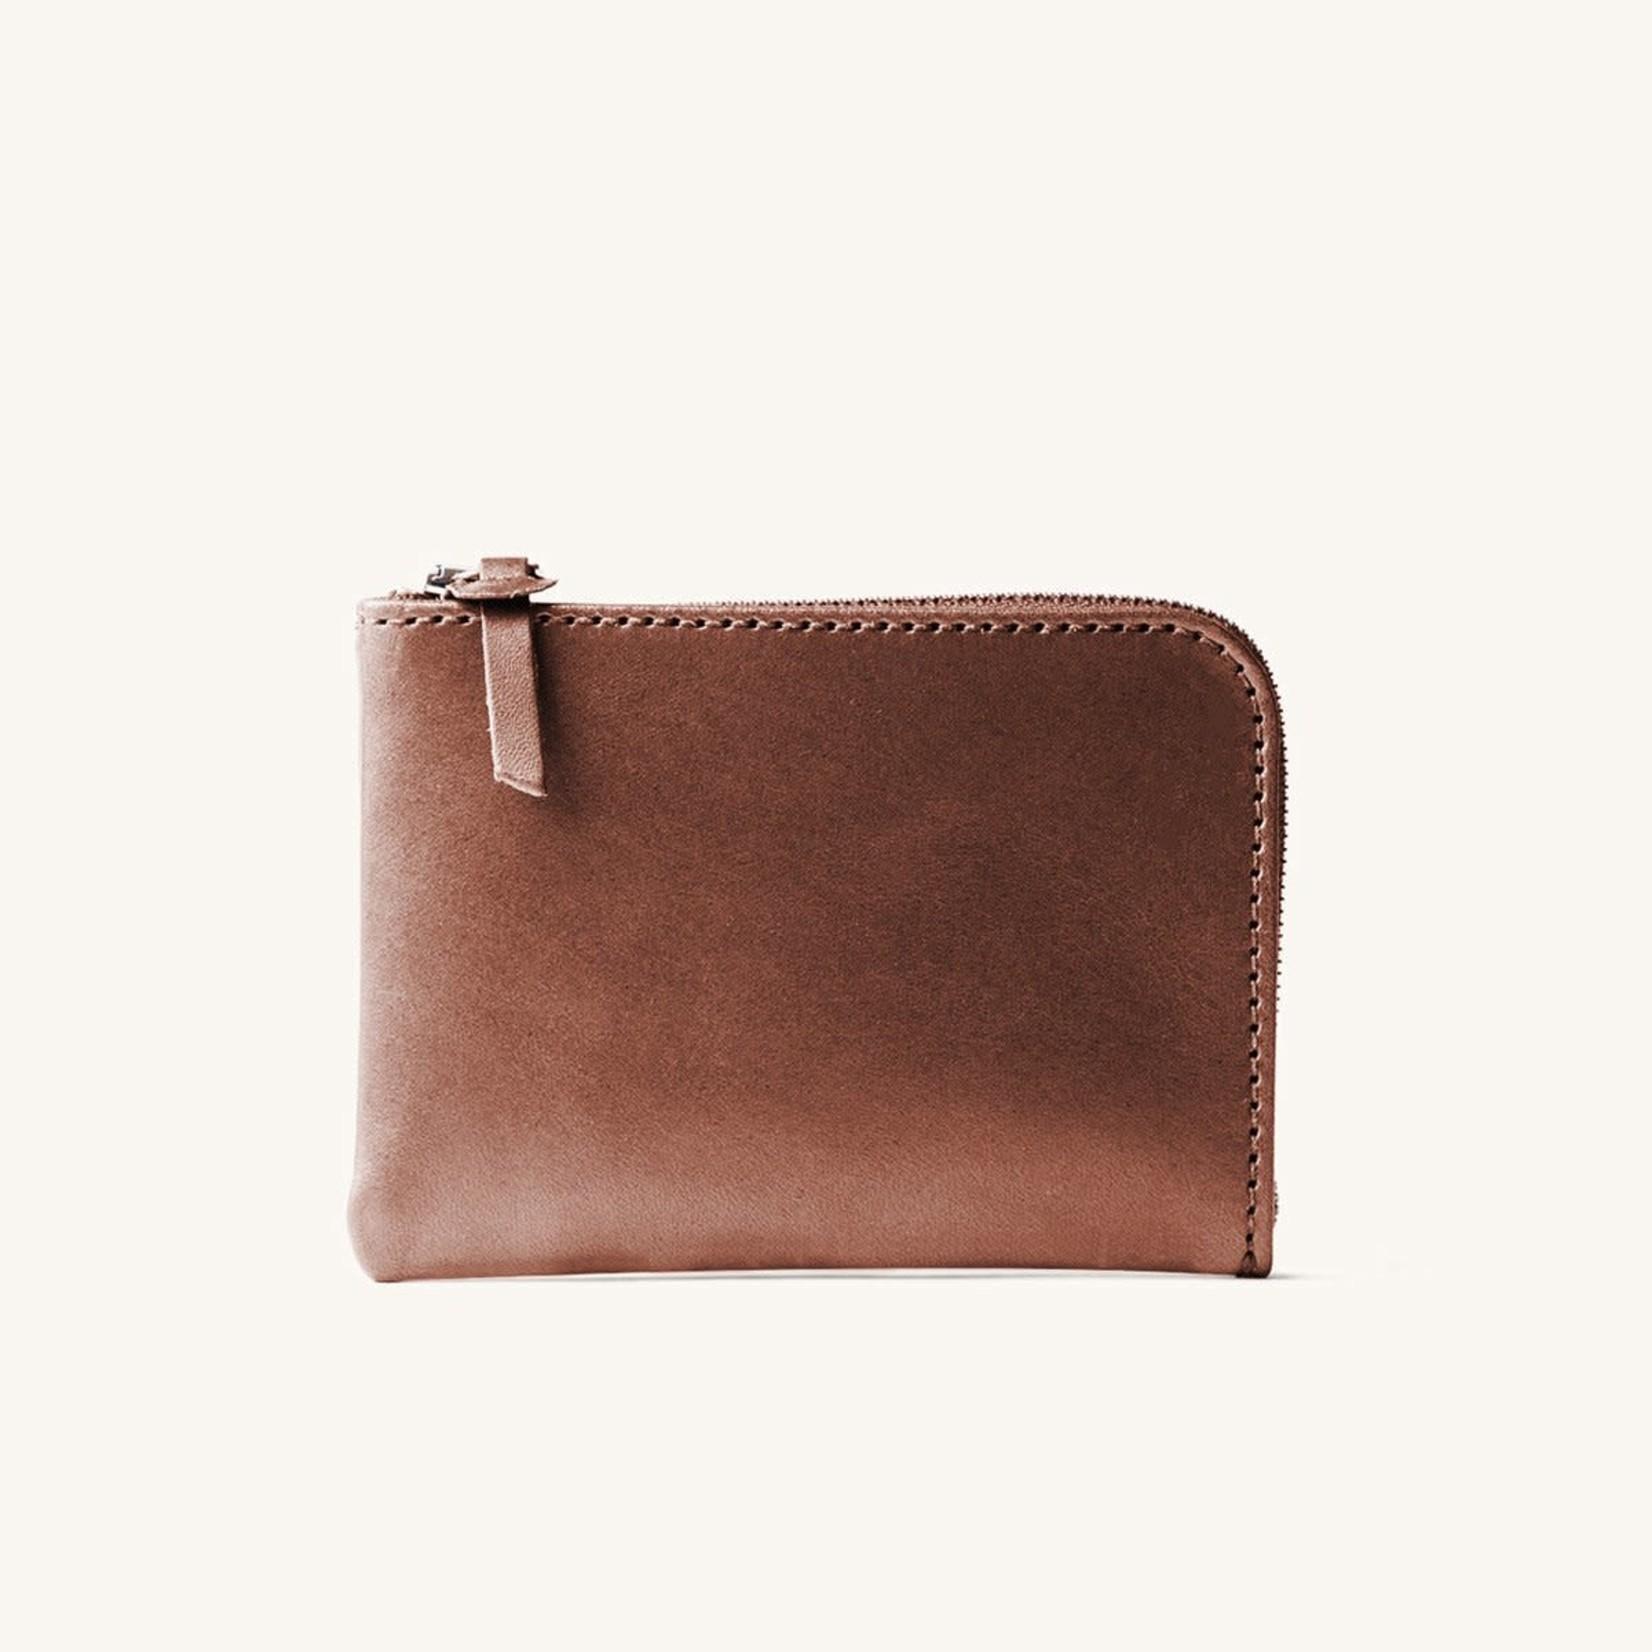 Tanner Goods Tanner Goods  Universal Zip Wallet Cognac